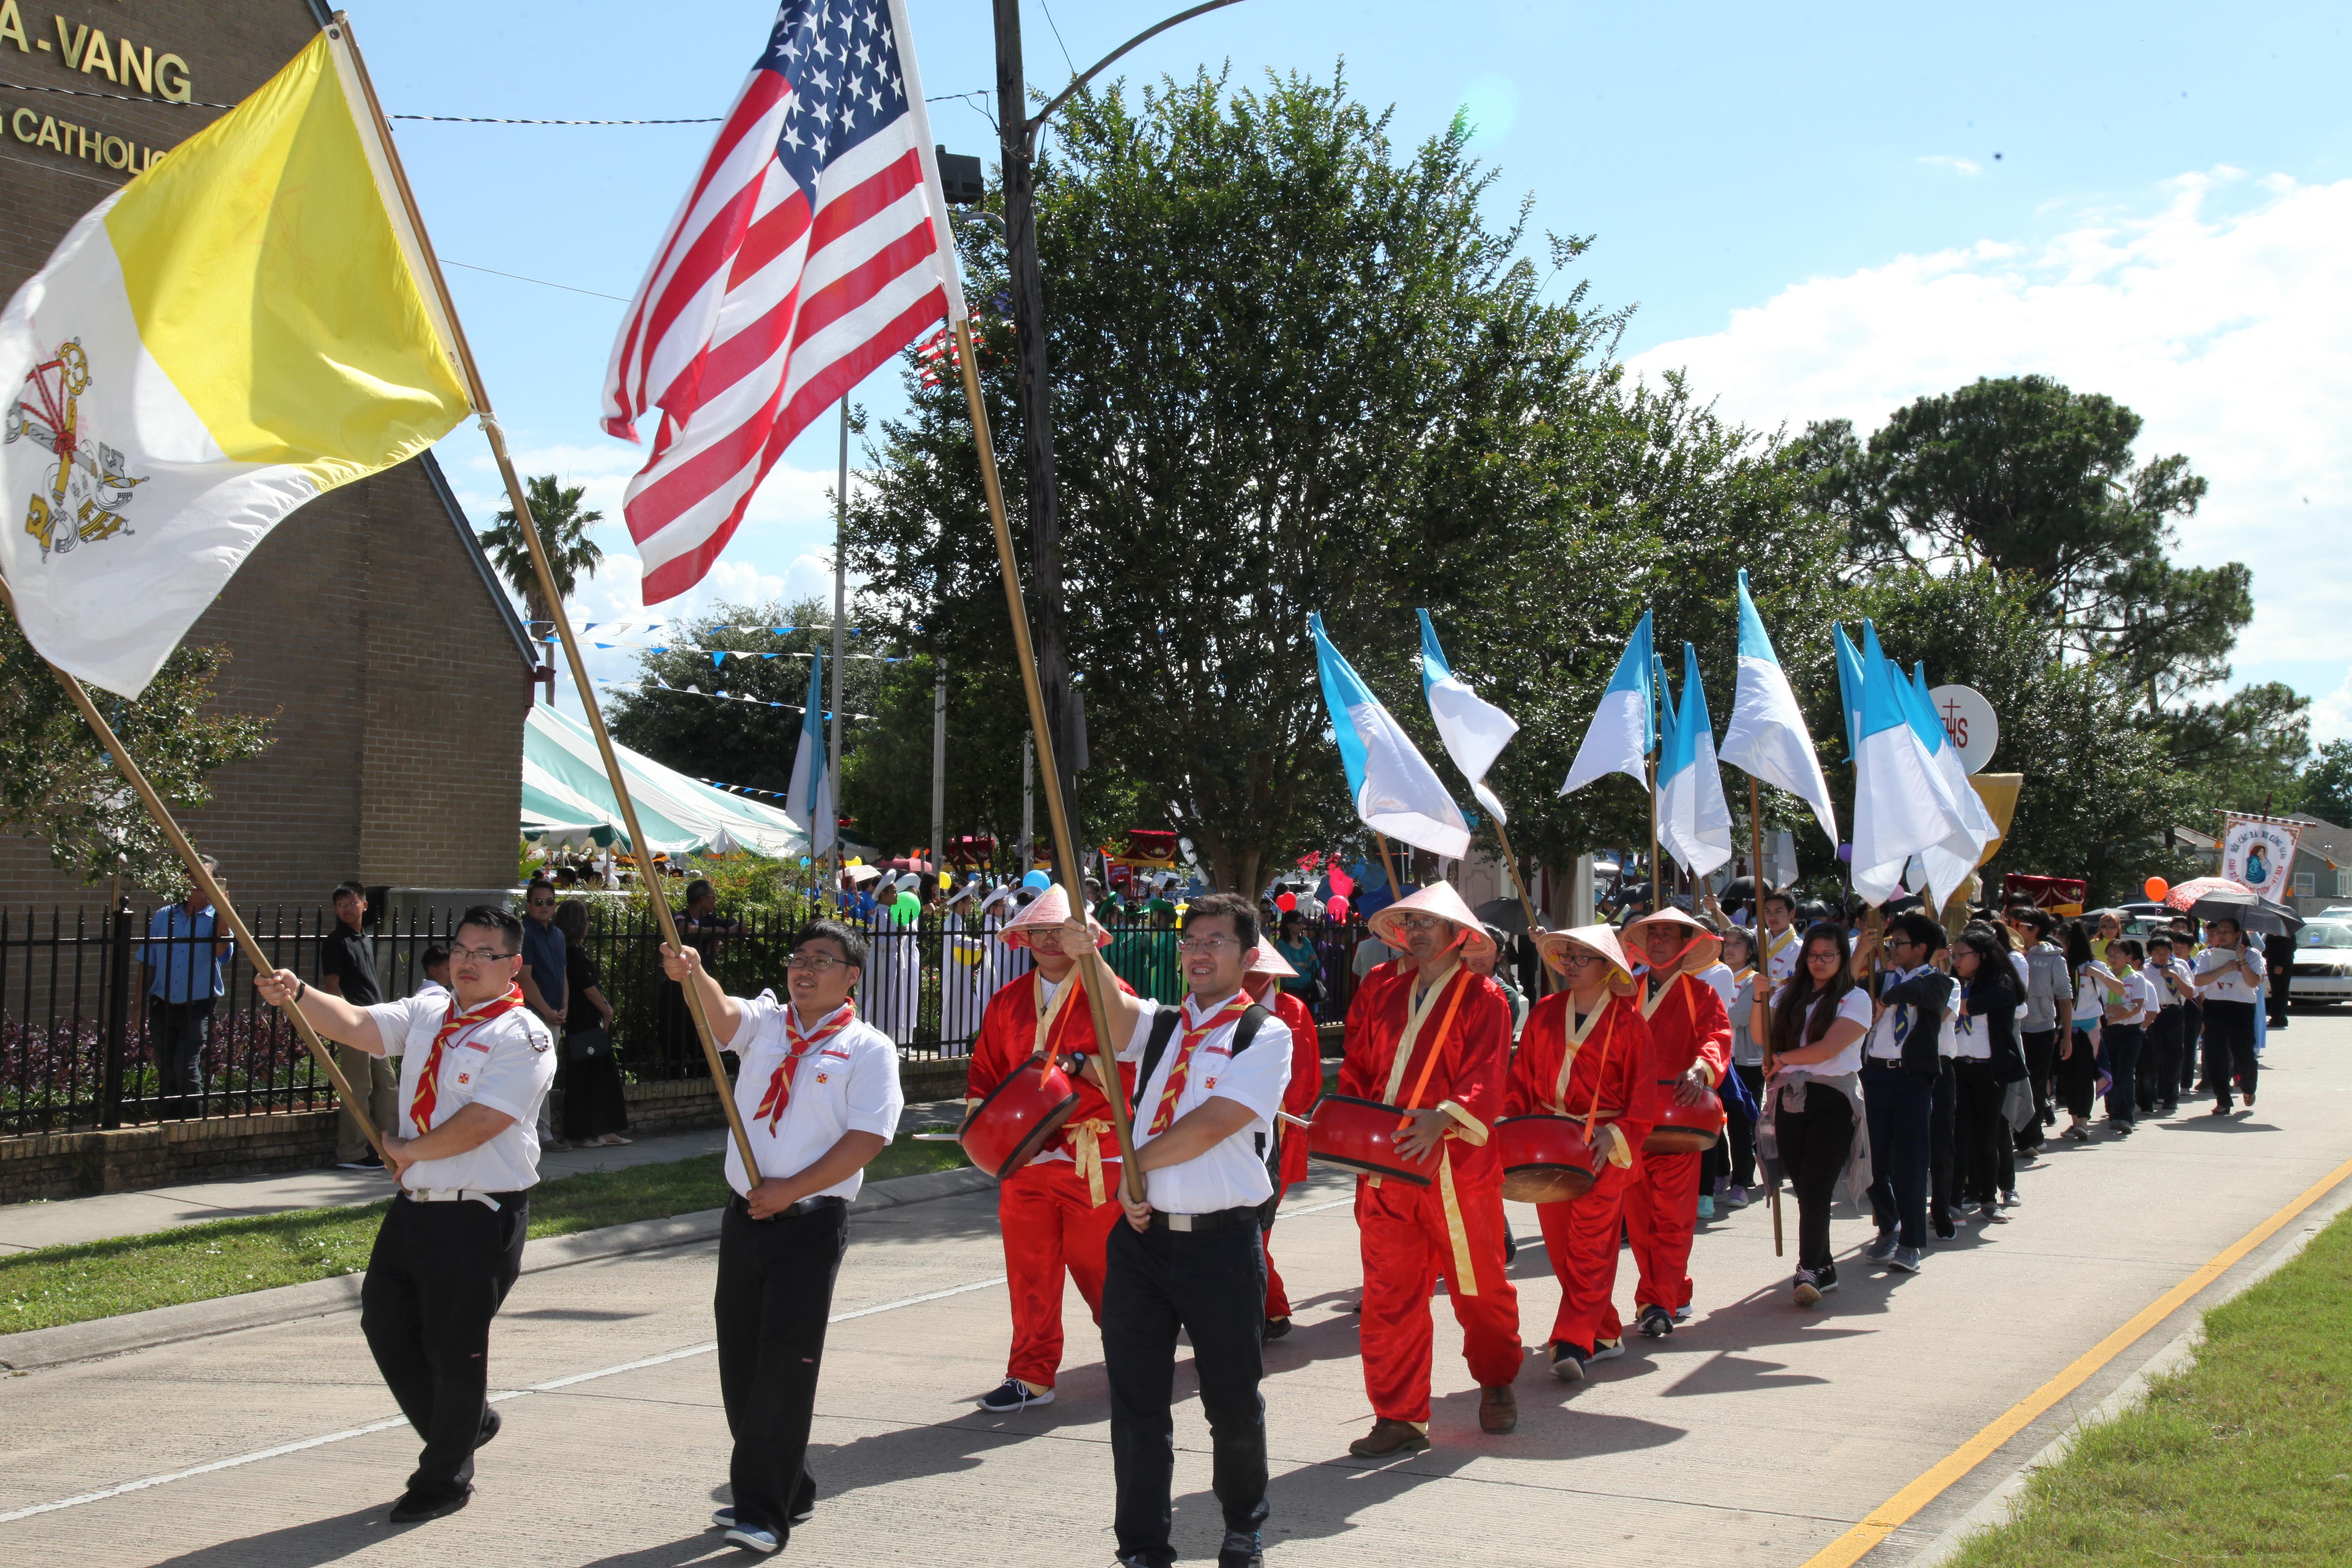 Đại Hội La Vang New Orleans